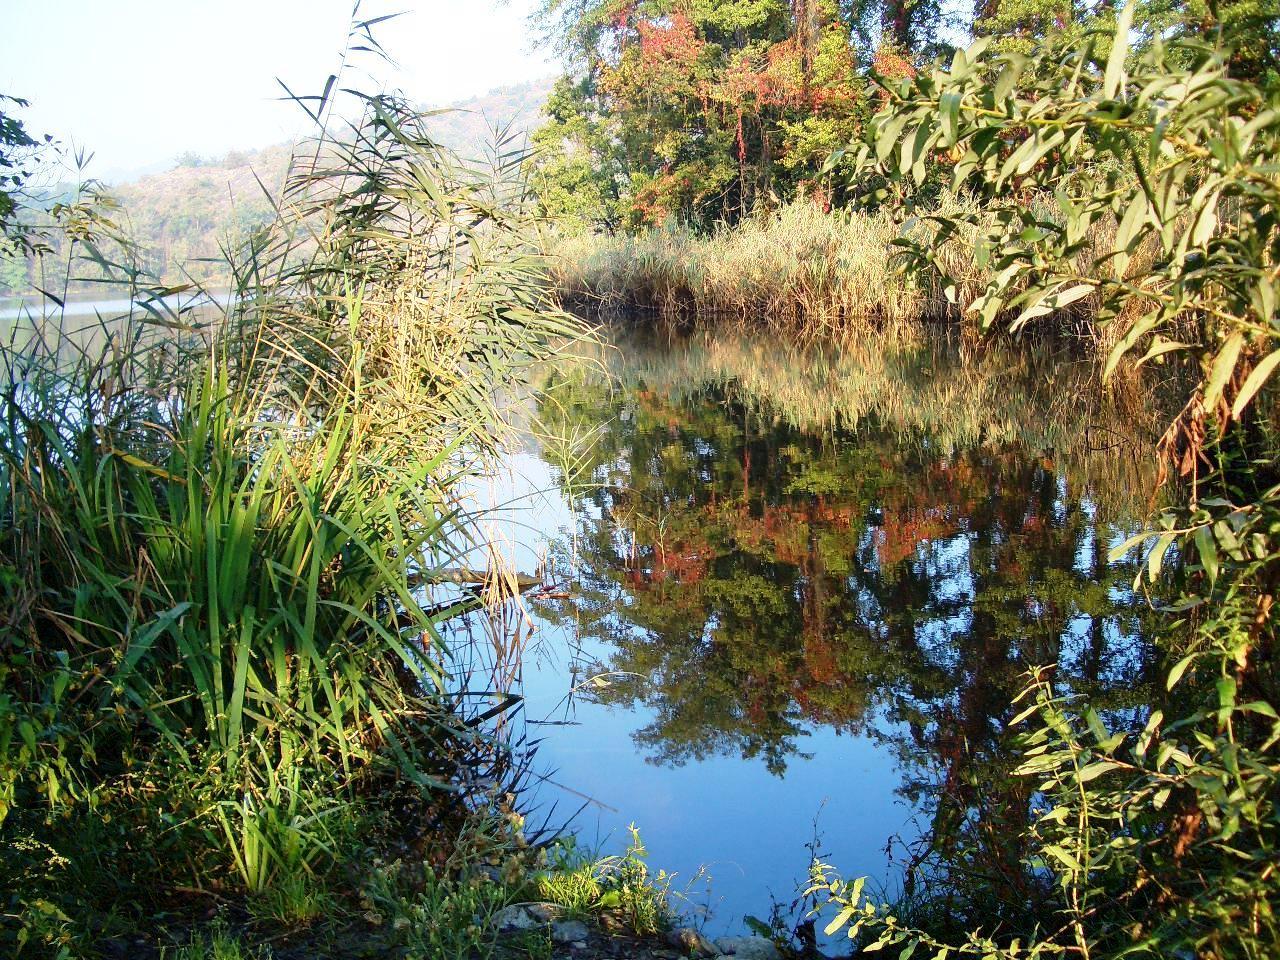 Turismo sostenibile: il meglio dei laghi piemontesi nella Guida Blu